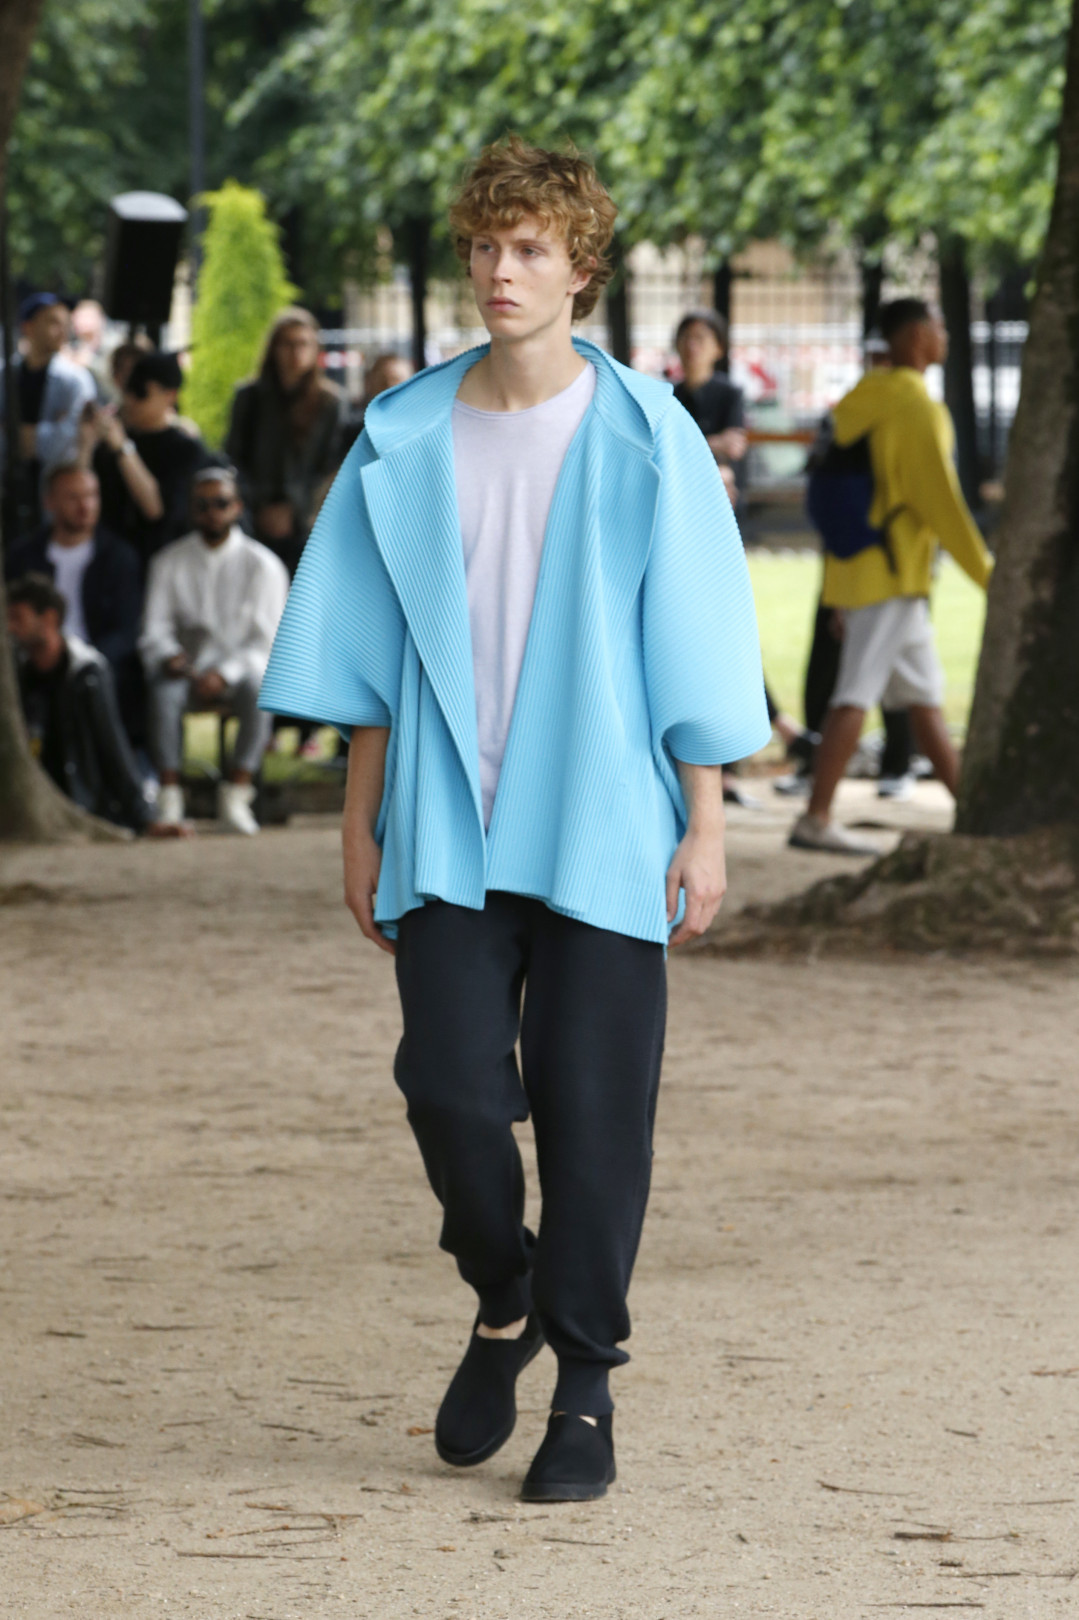 オム プリッセ イッセイ ミヤケが初のショー【2020春夏メンズ】   FASHION   FASHION HEADLINE